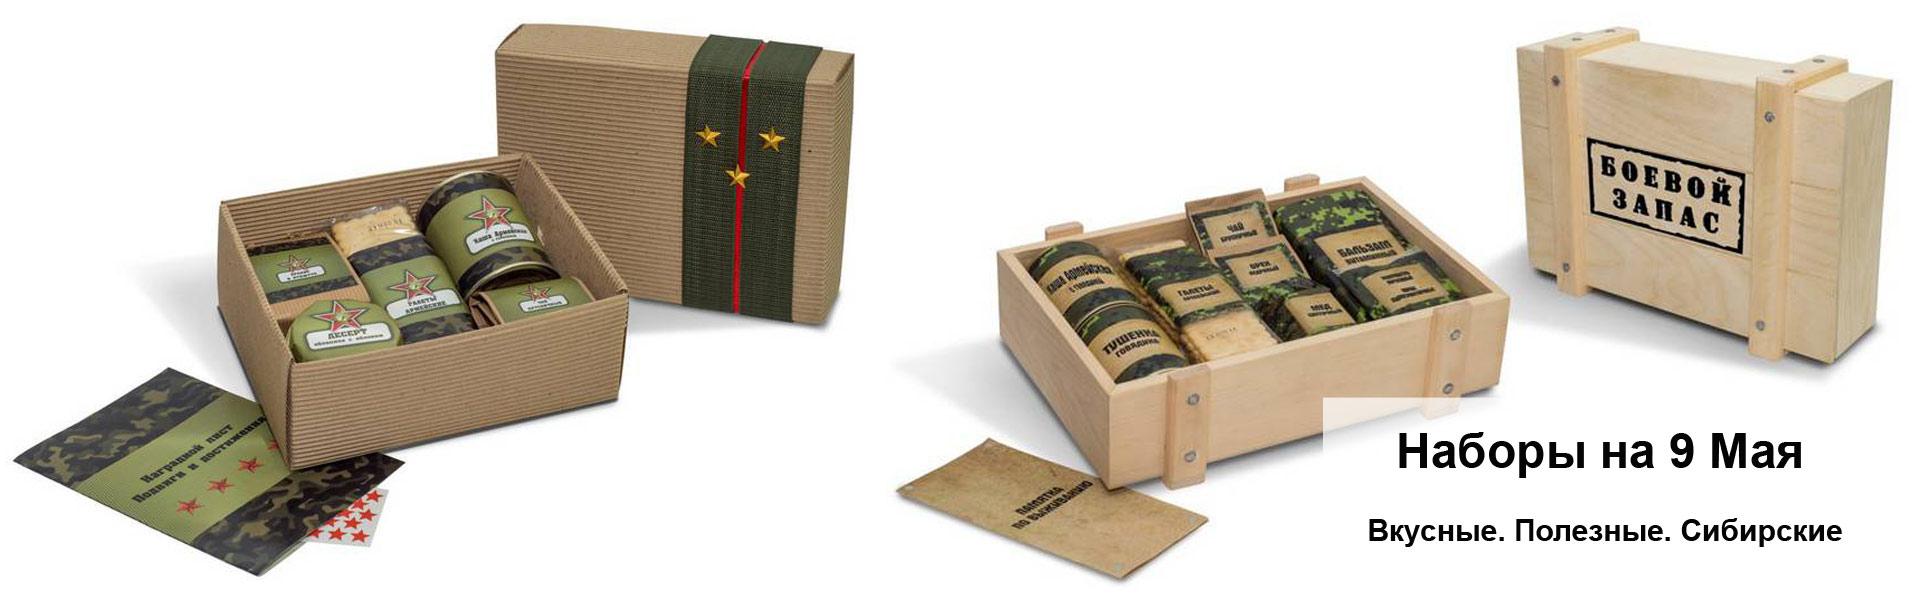 Подарочные наборы на День победы